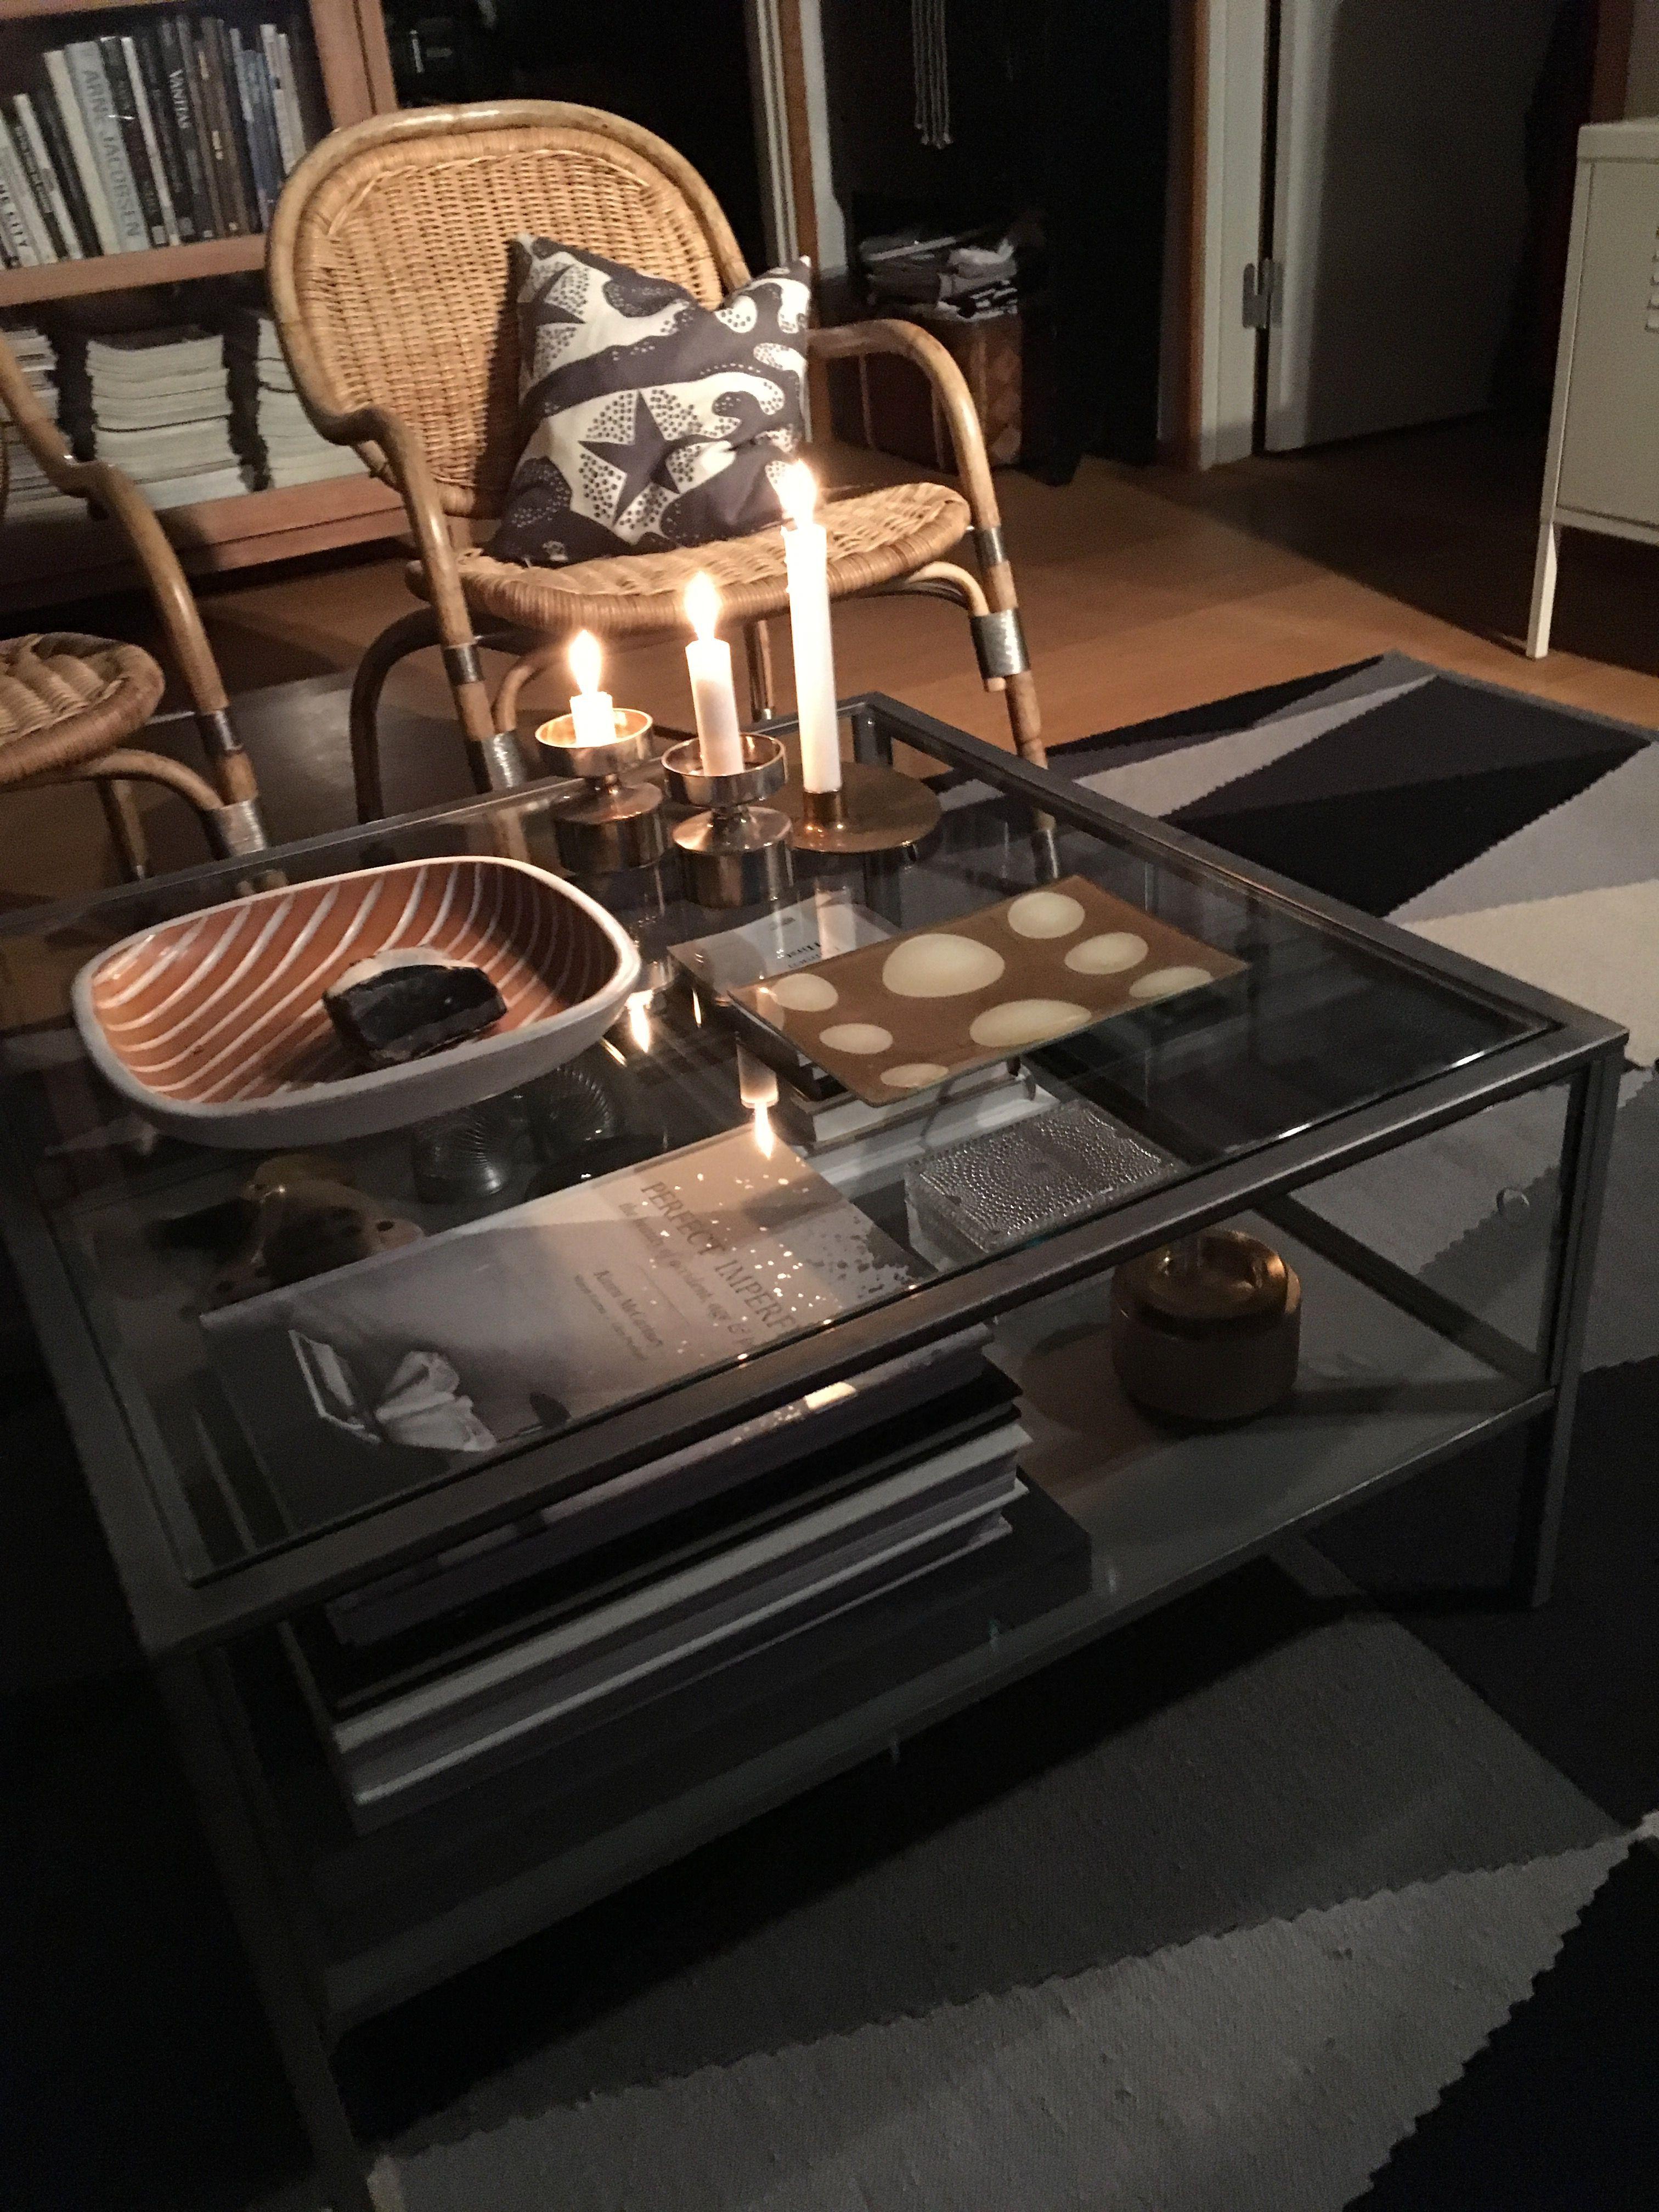 Sammanhang Table Ikea August 2018 Interieur Woonkamer Vitrinekast Tafel [ 4032 x 3024 Pixel ]